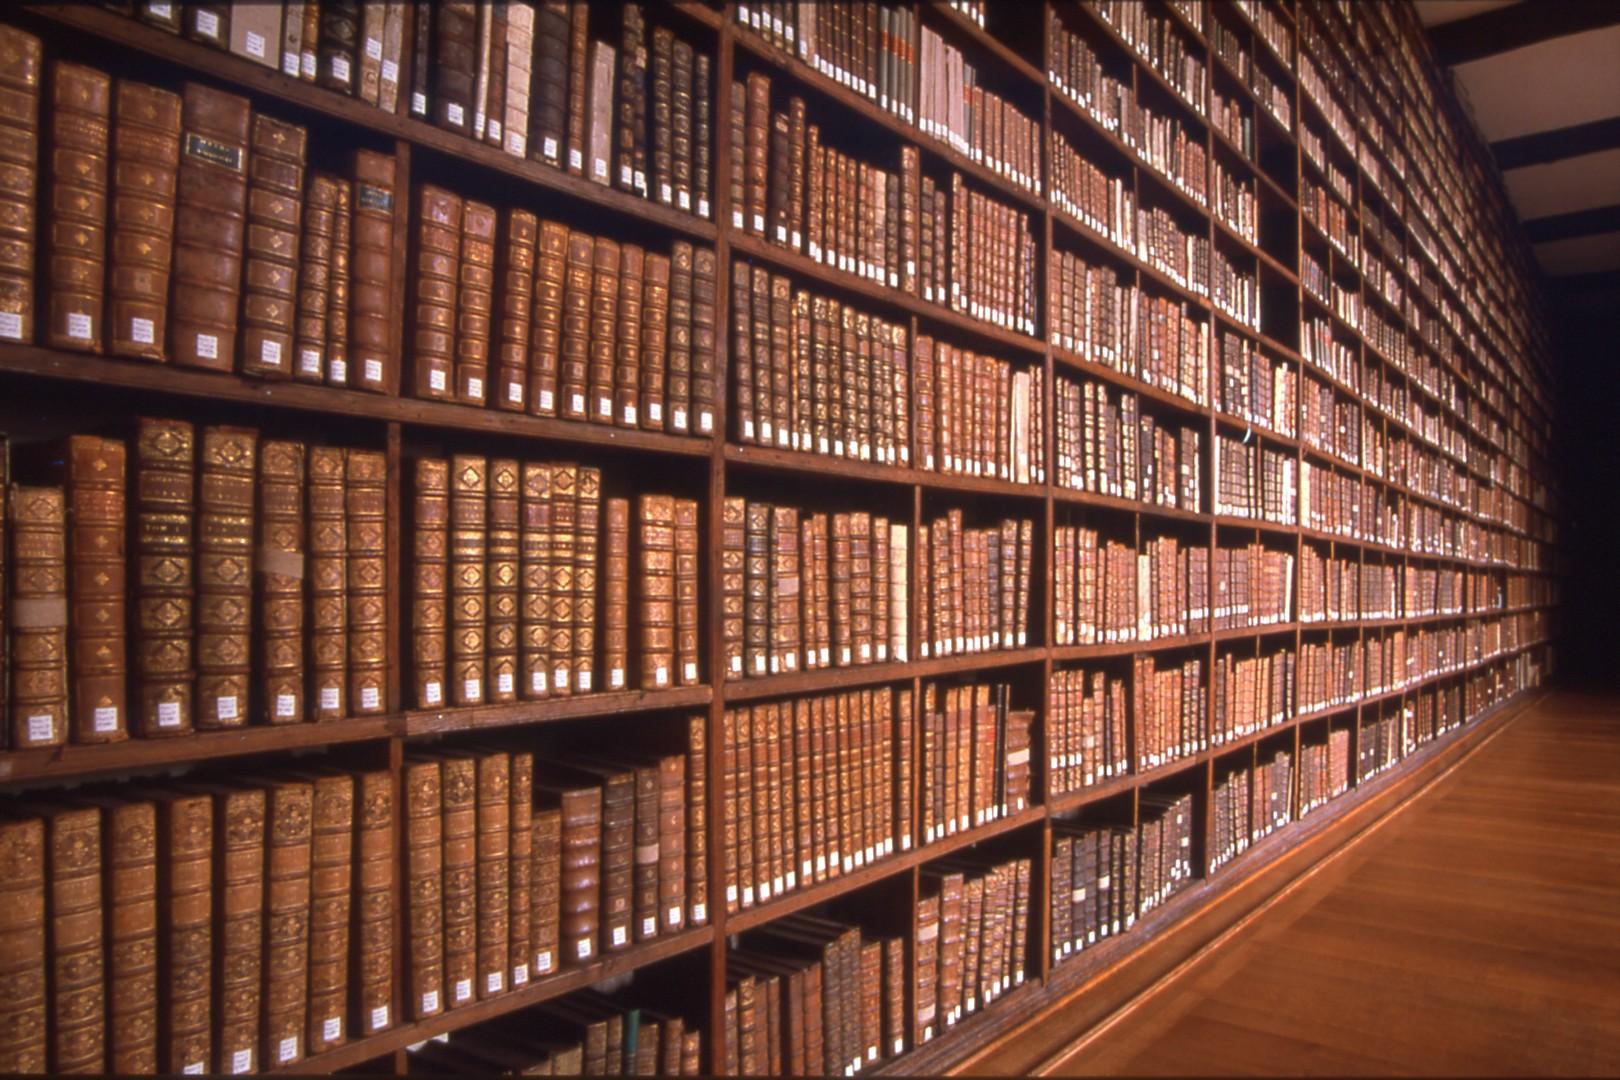 la grande bibliotheques des sites sous cilal.net